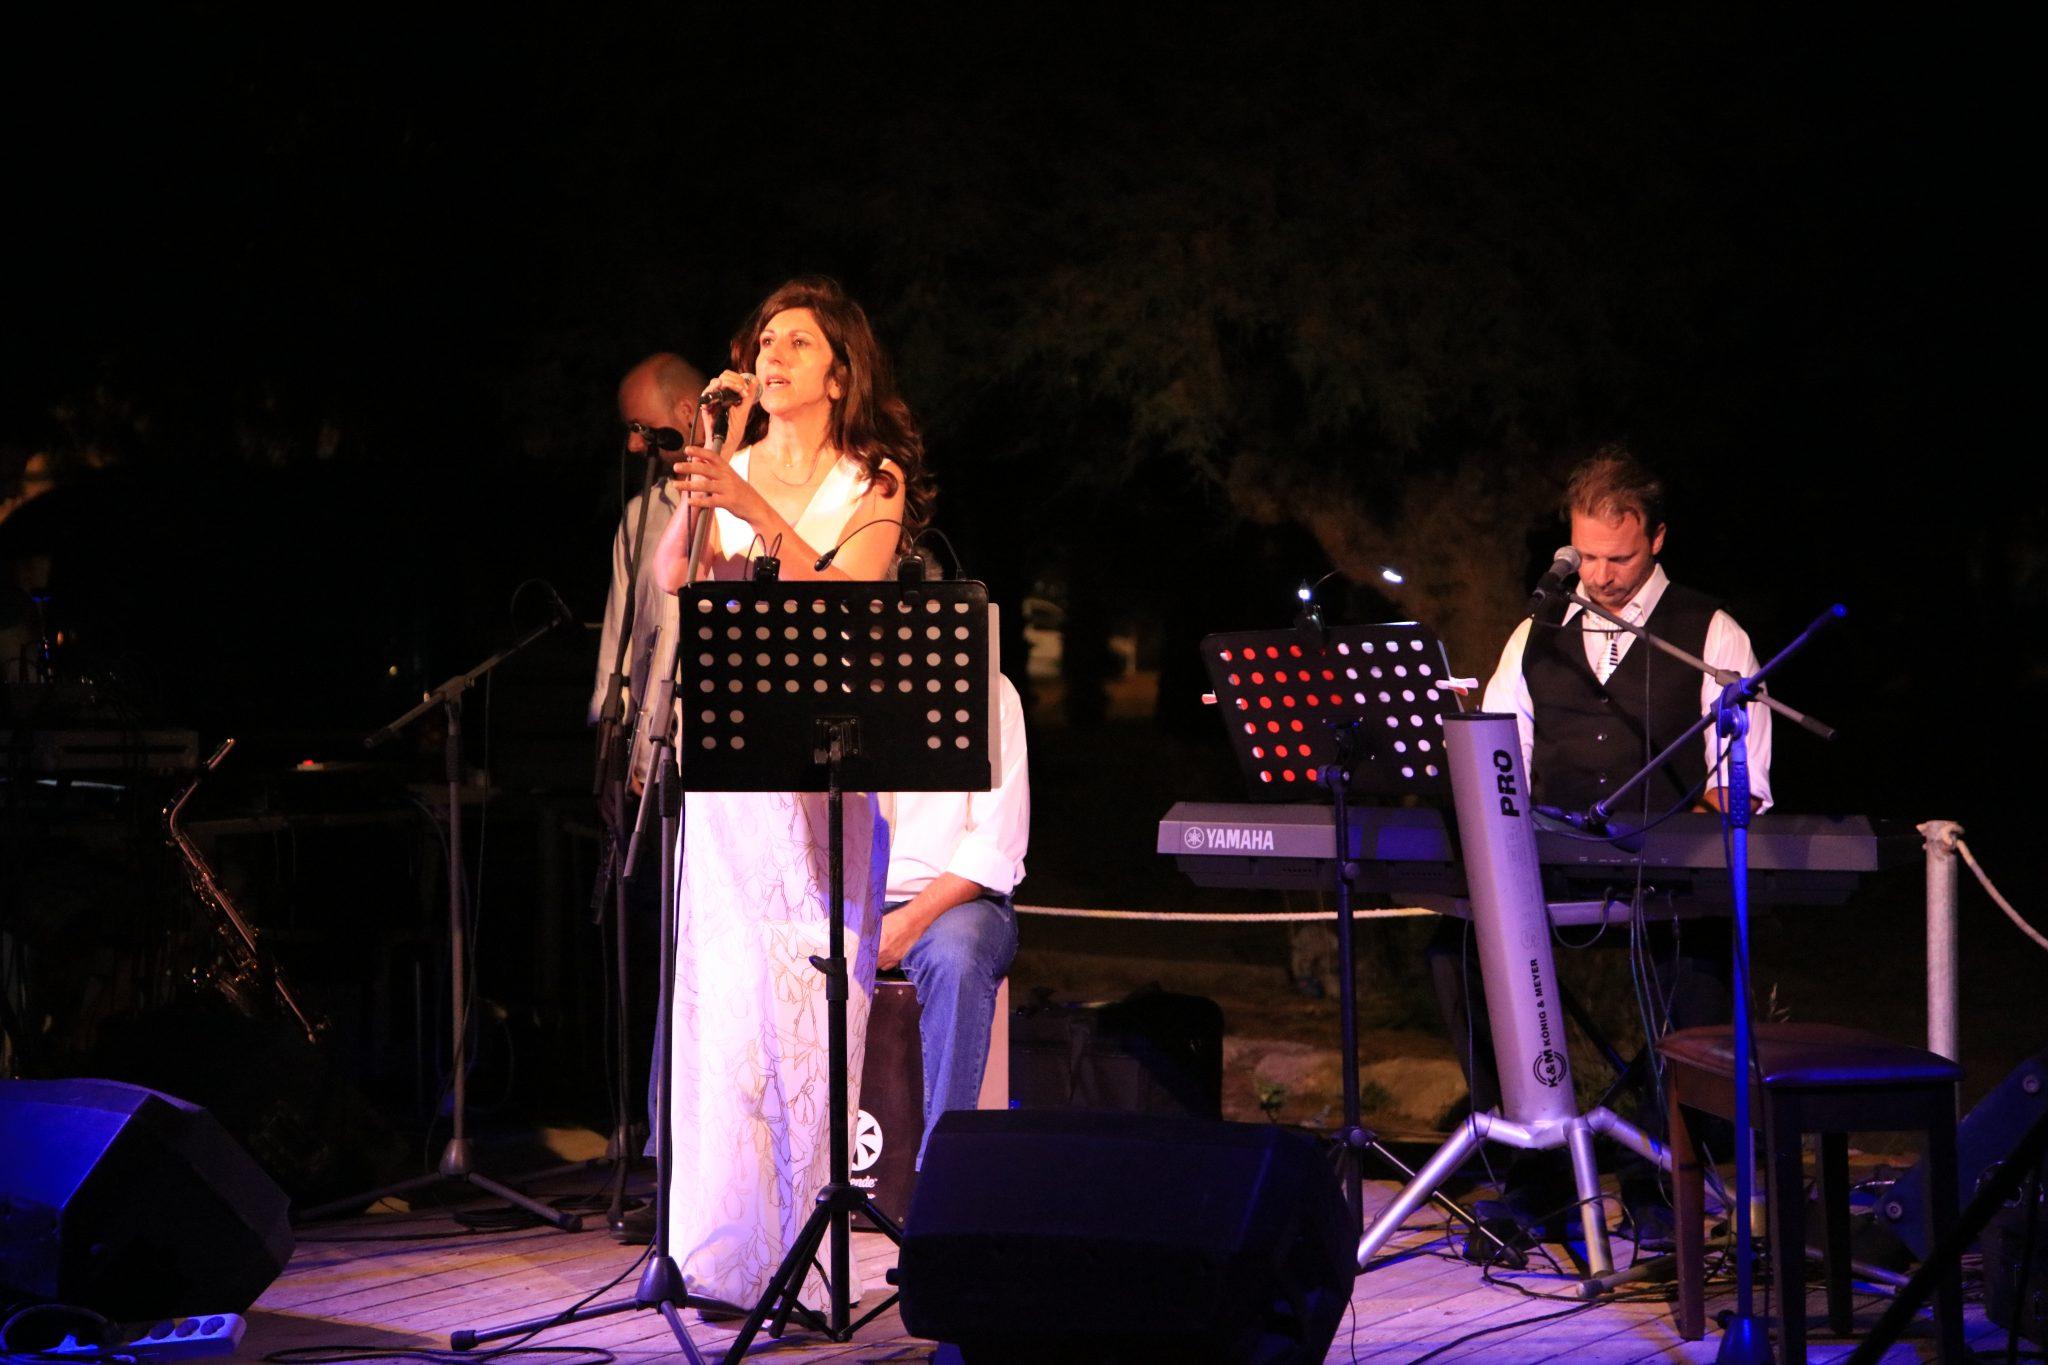 Συναυλία Αφιέρωμα στον Ελληνικό Κινηματογράφο